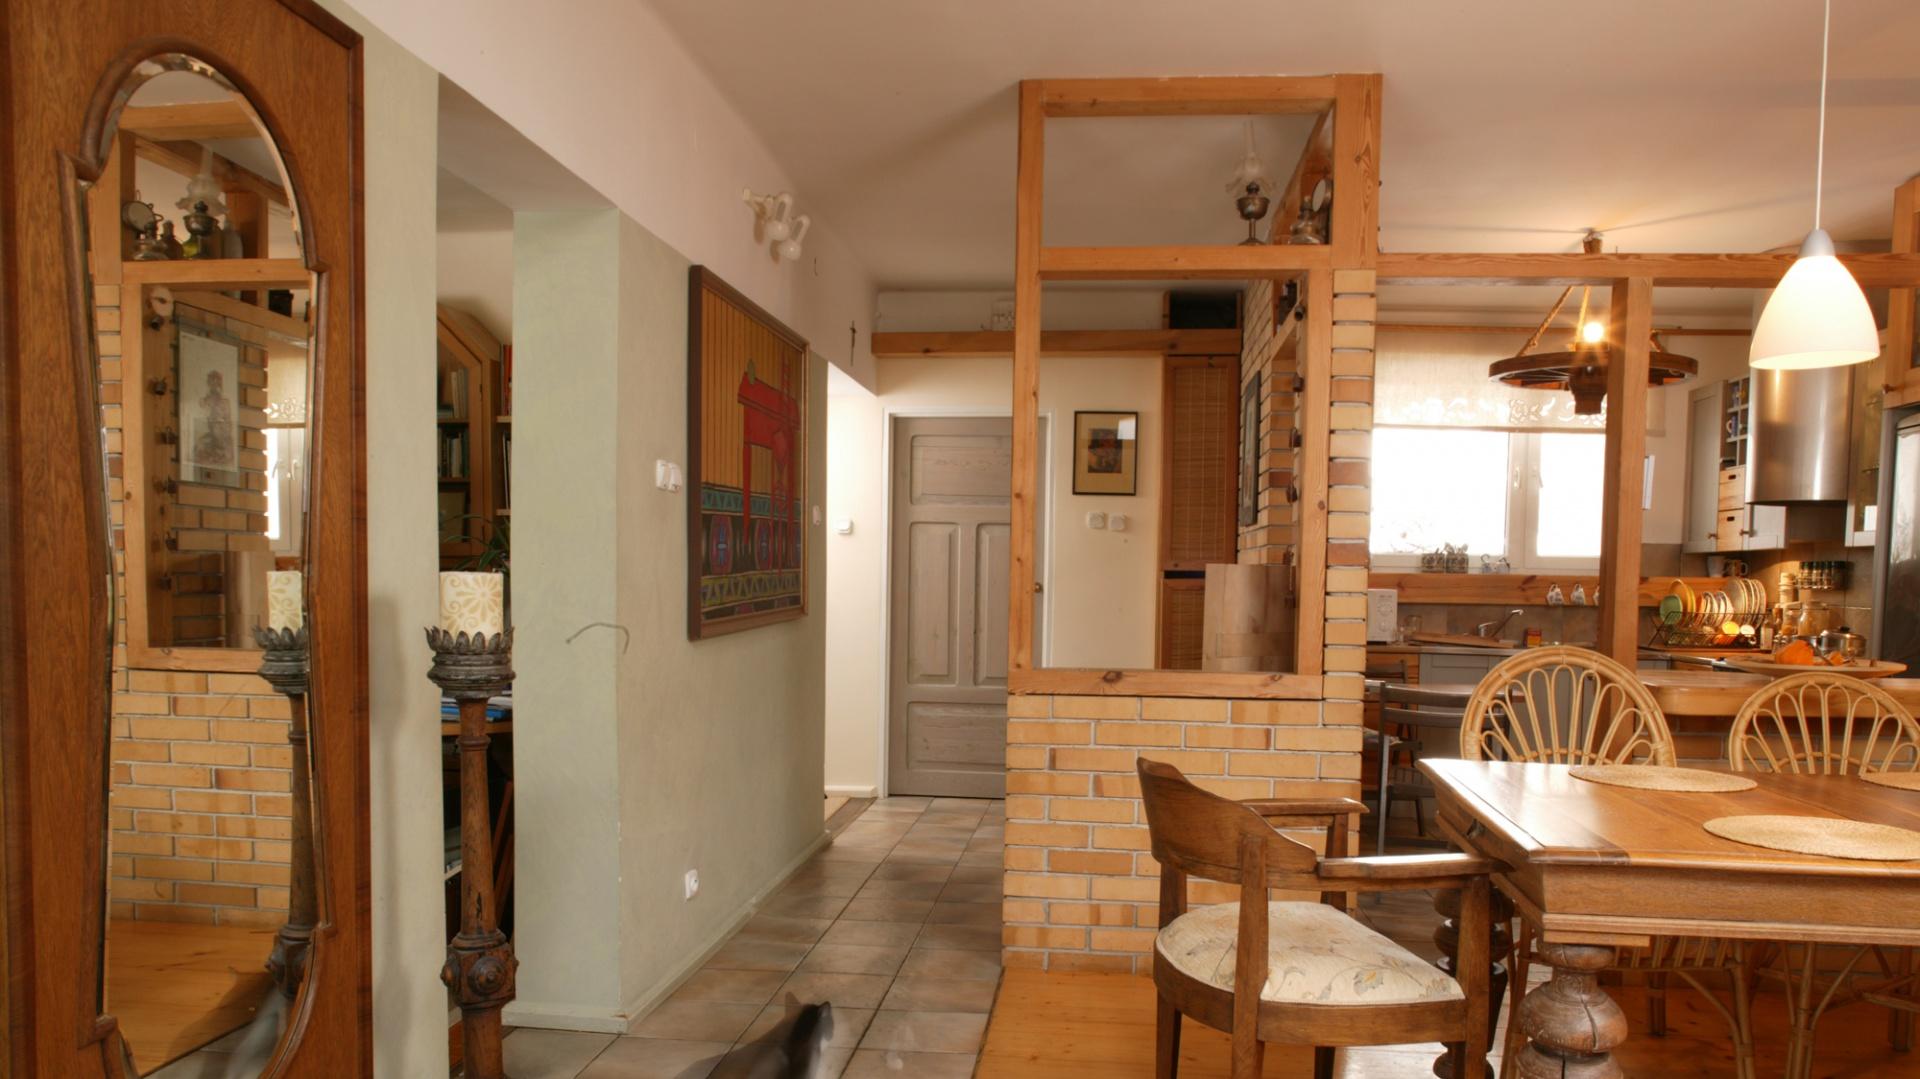 Jadalnia poprzez swoją bliskość z salonem stała się miejscem, w którym gospodyni spędza dużo czasu. Fot. Monika Filipiuk.